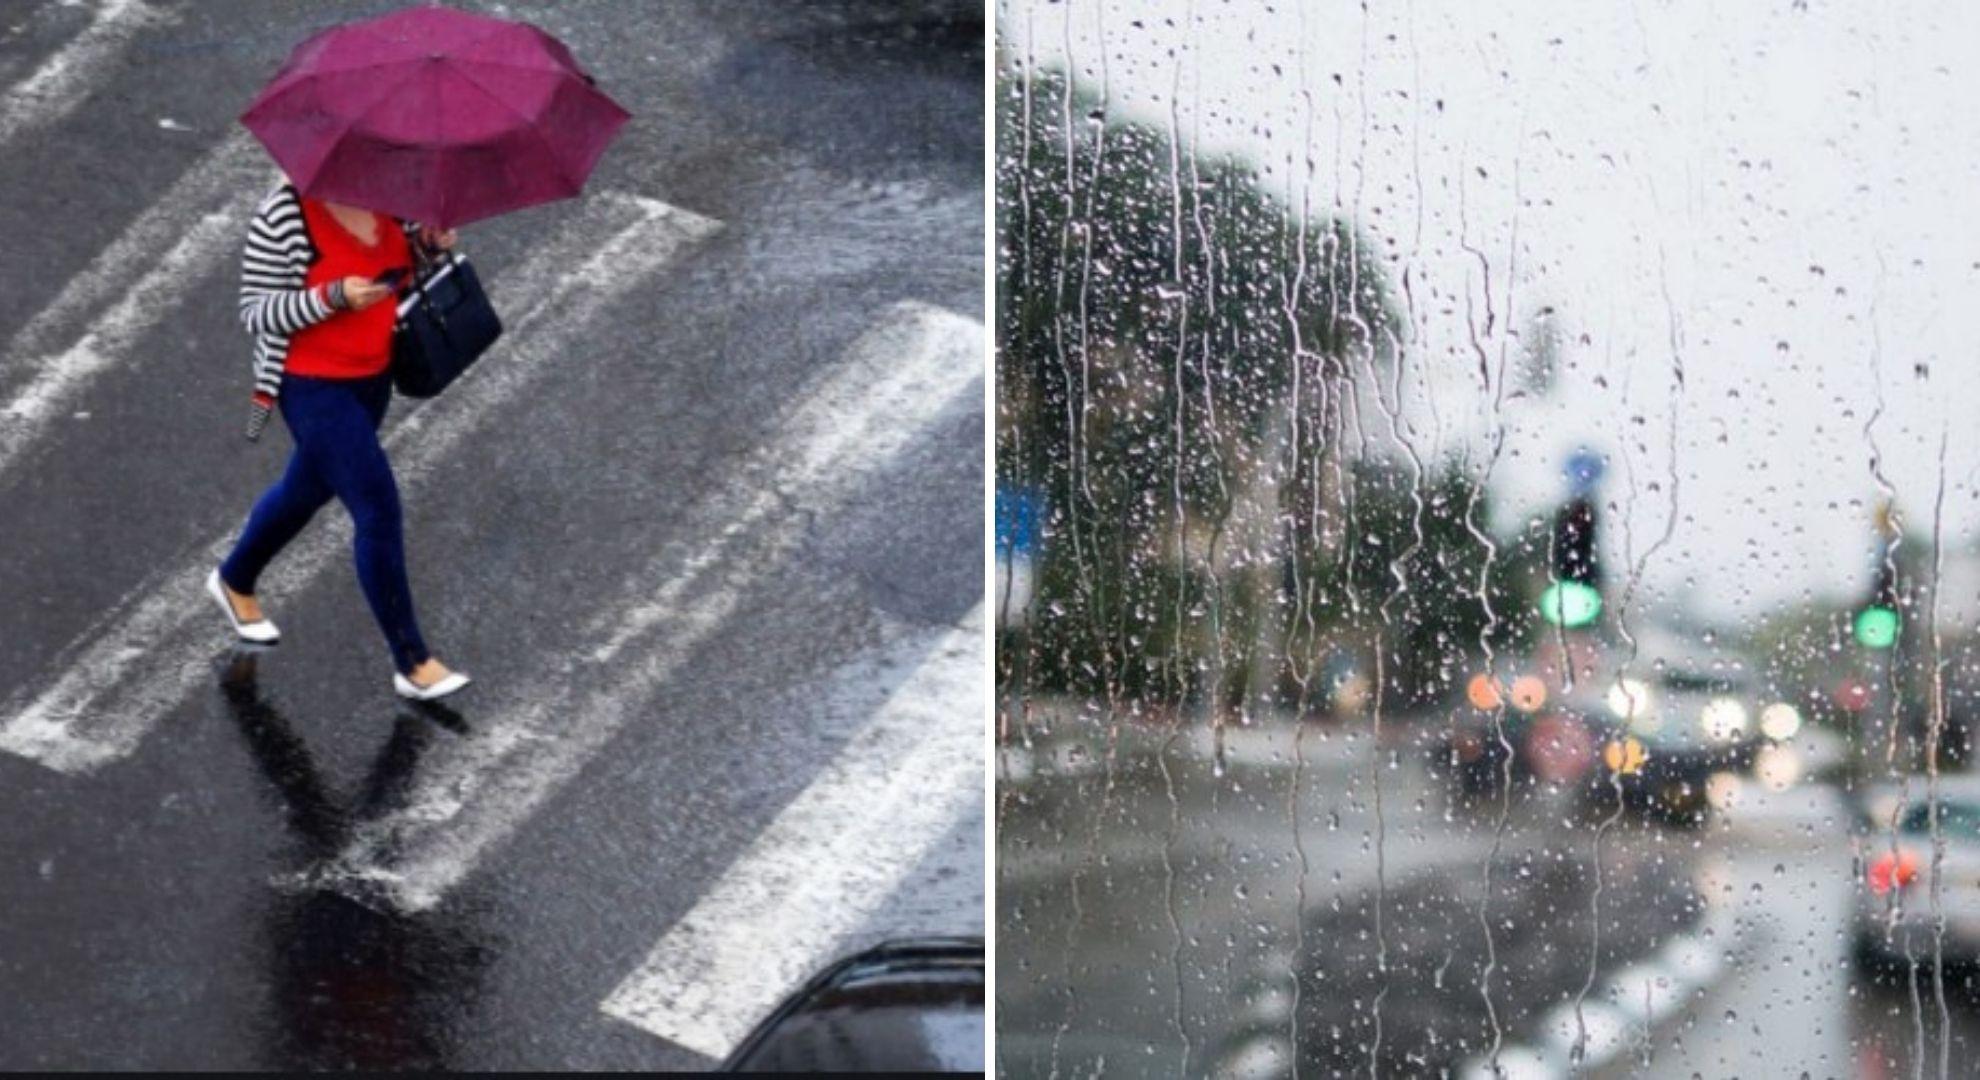 Prognoza ANM 16 octombrie 2020. Unde se va strica vremea și cât va ploua